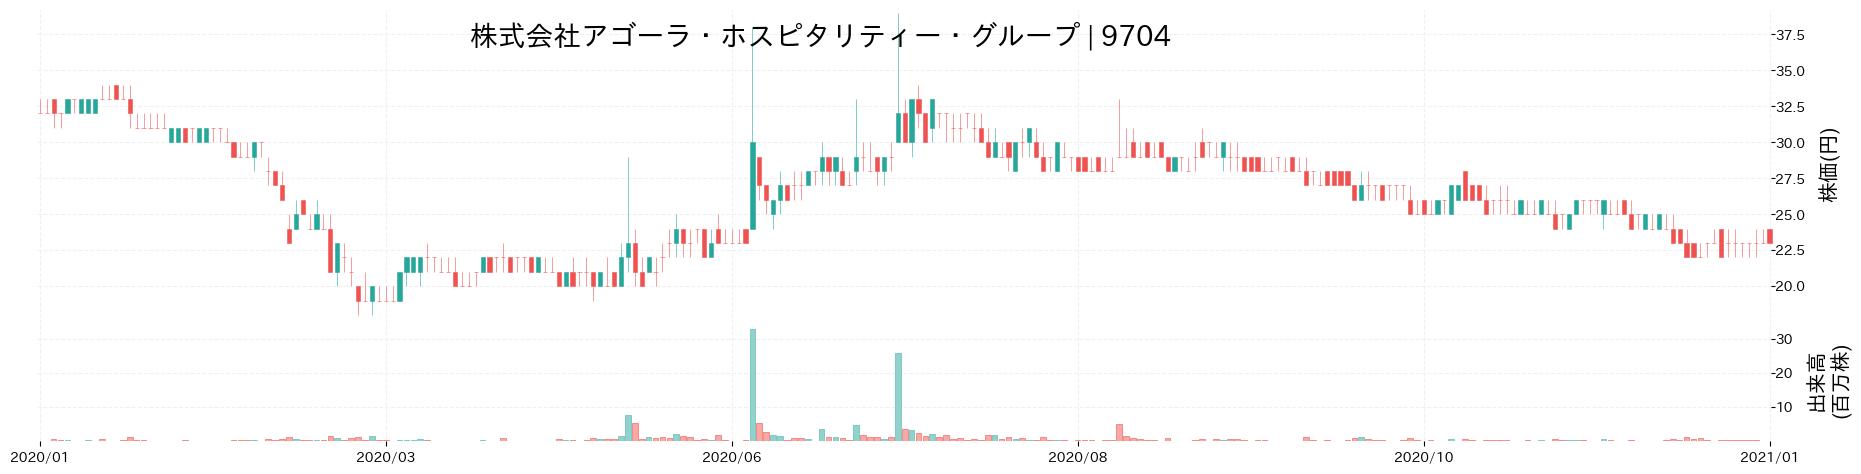 株式会社アゴーラ・ホスピタリティー・グループの株価推移(2020)